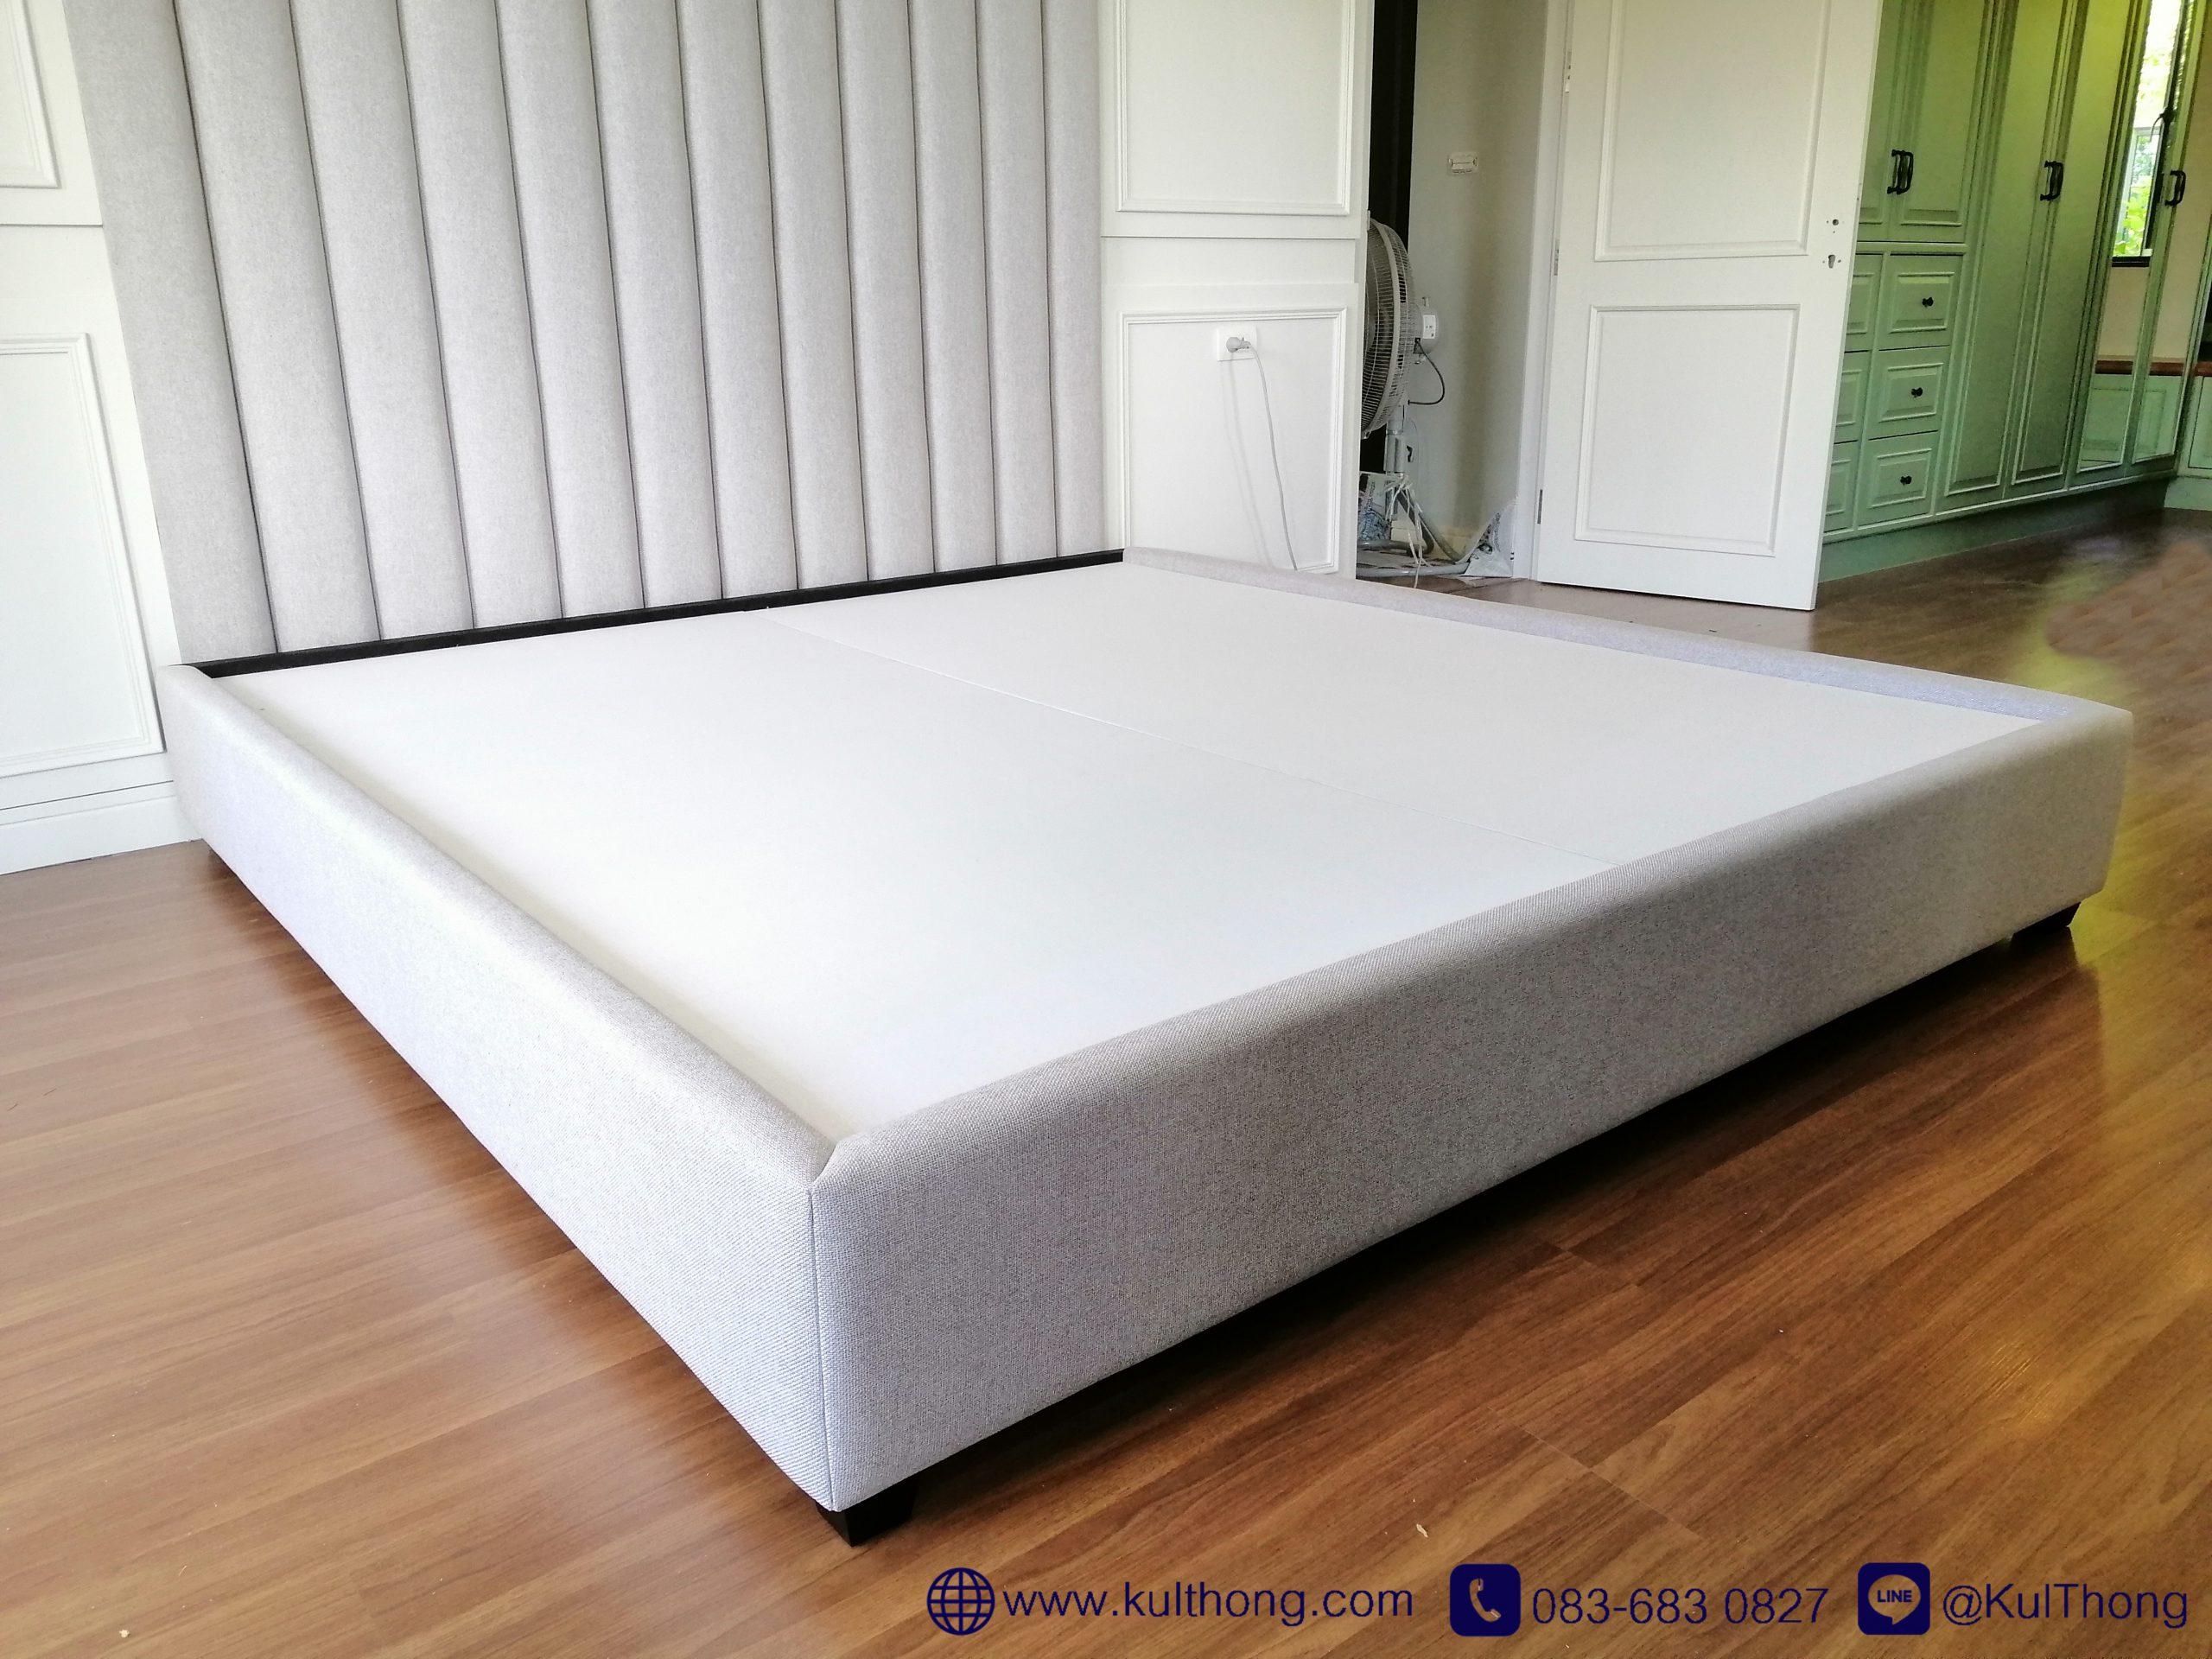 เตียงนอน ฐานรองที่นอน เตียงหุ้มผ้า